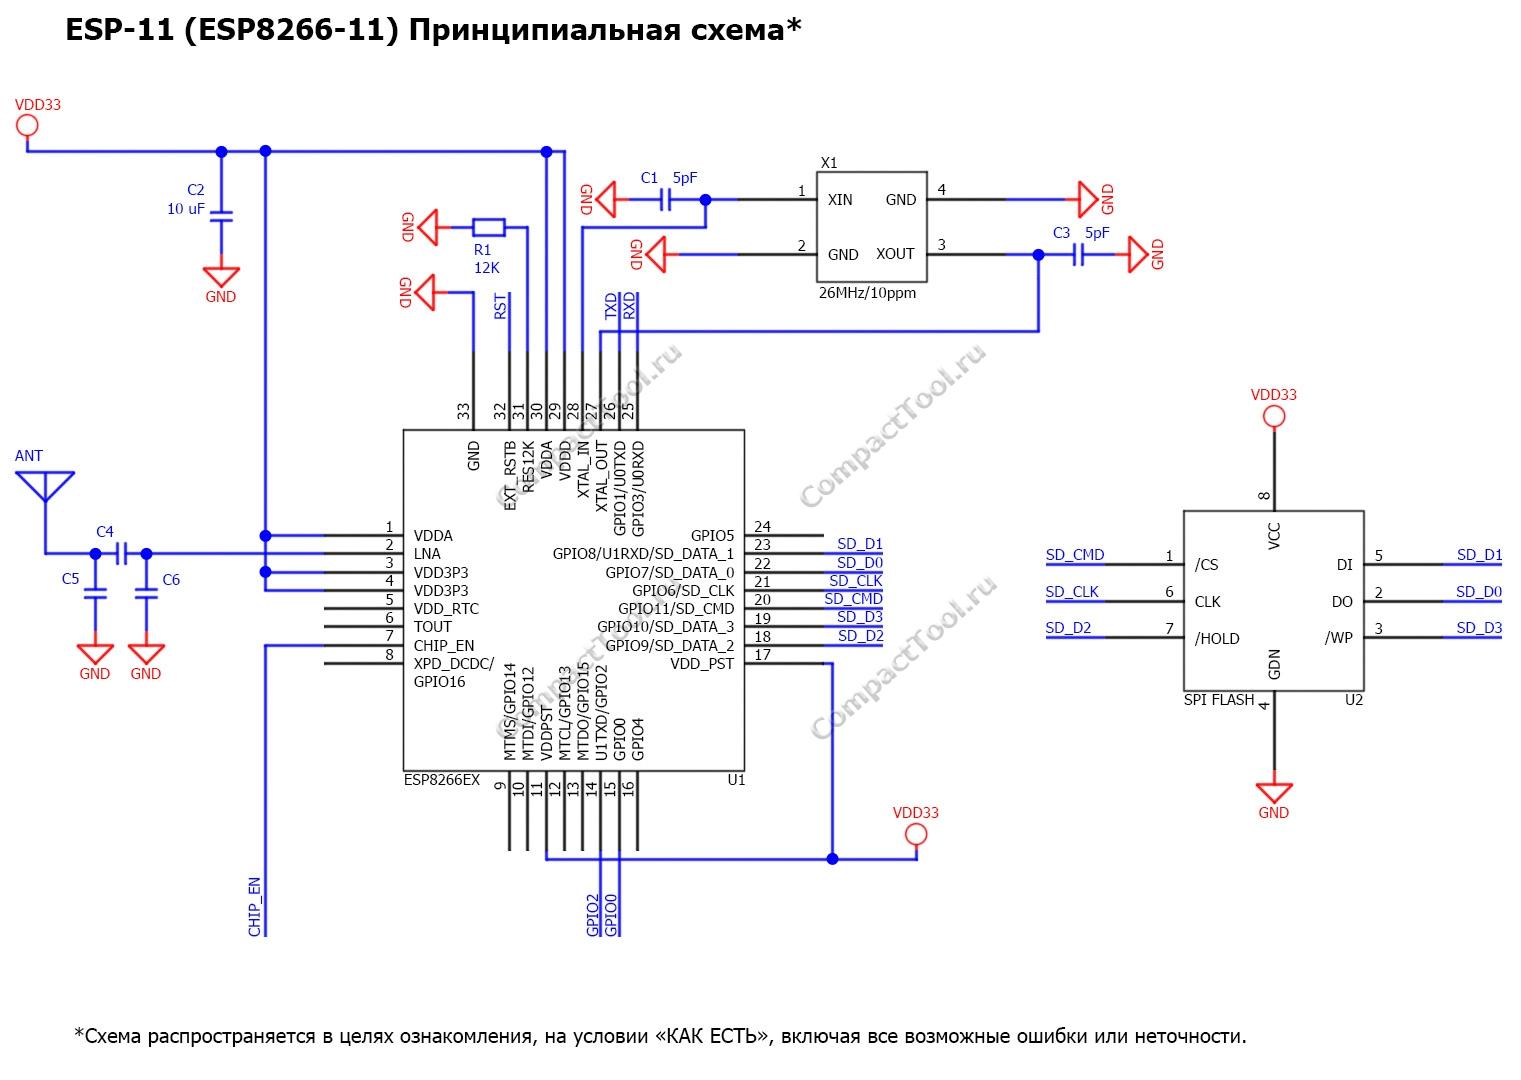 Принципиальная схема ESP-11 Principal scheme